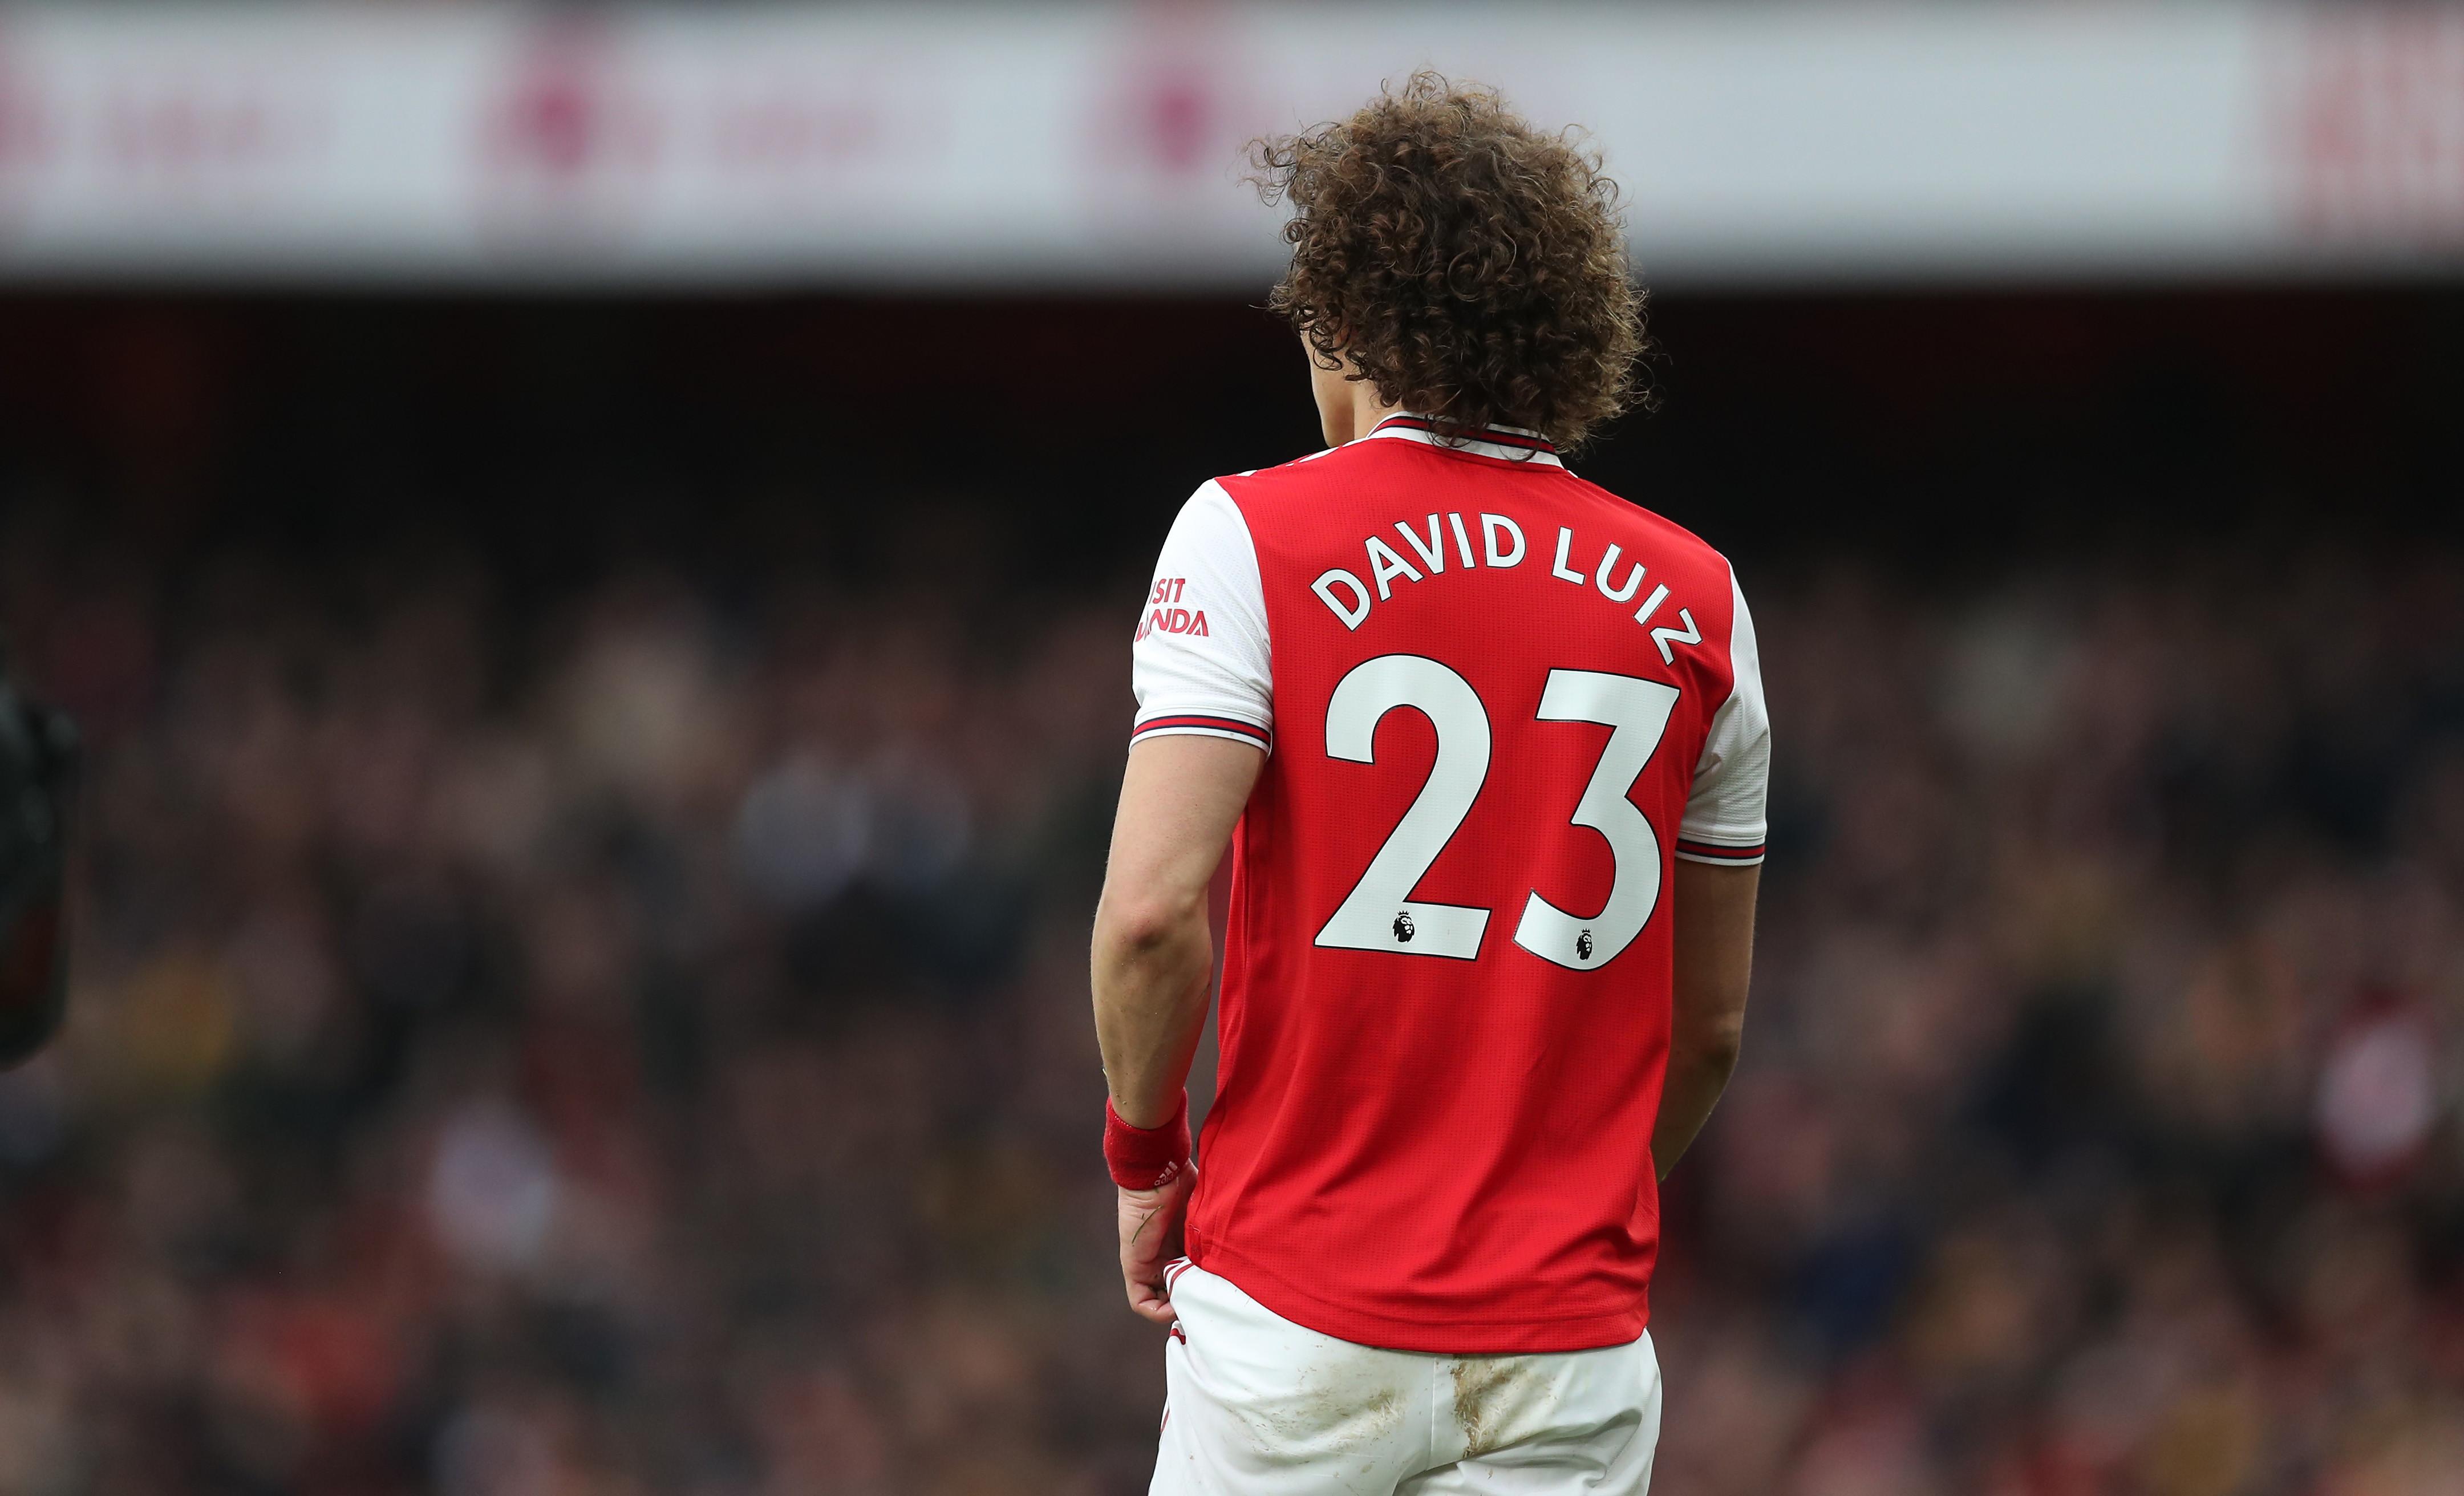 David Luiz (Arsenal)